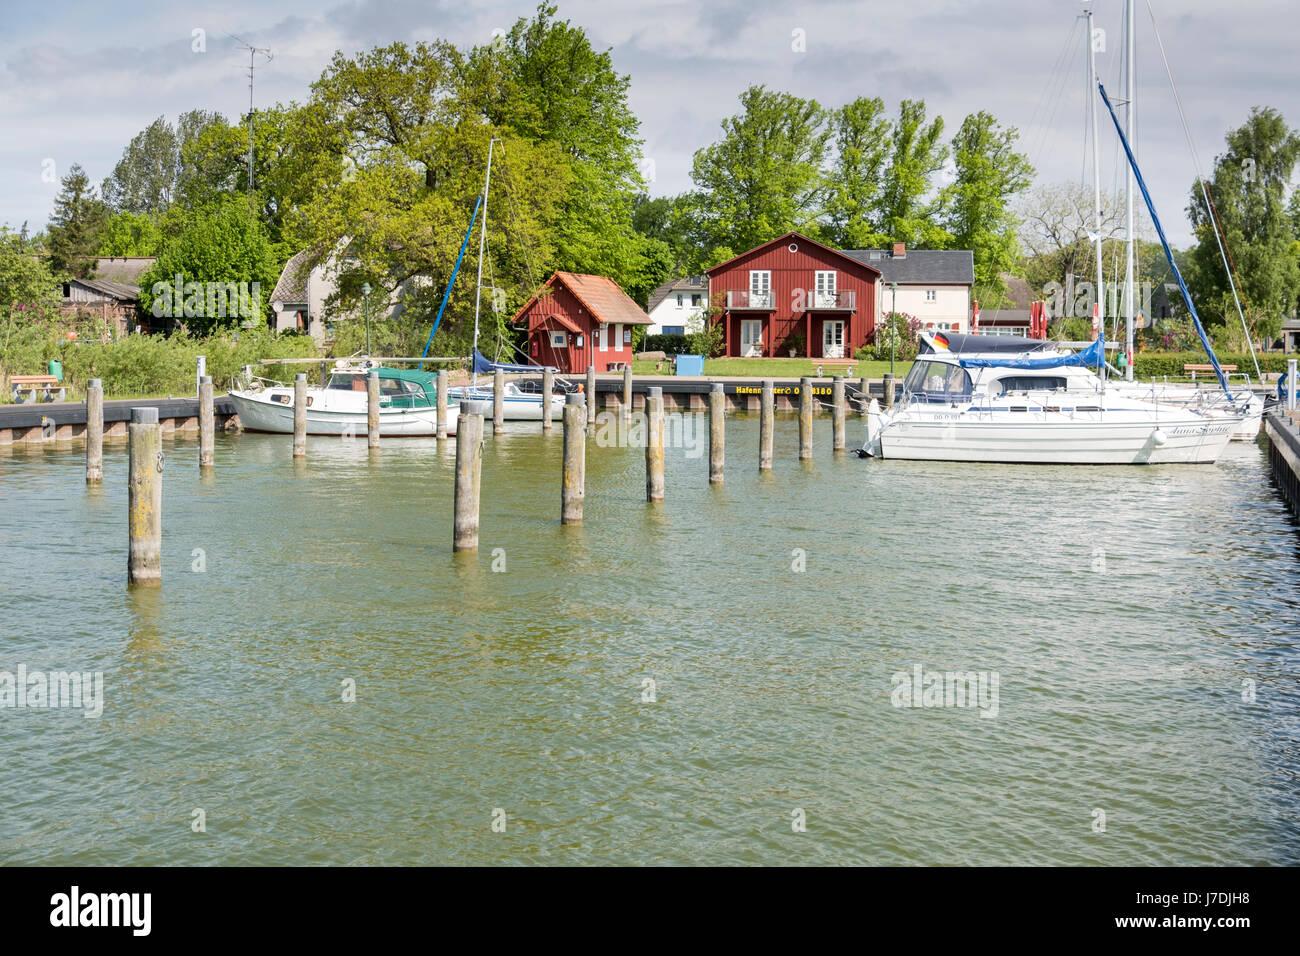 Harbour at Born auf dem Darss, Mecklenburg-Vorpommern, Germany - Stock Image